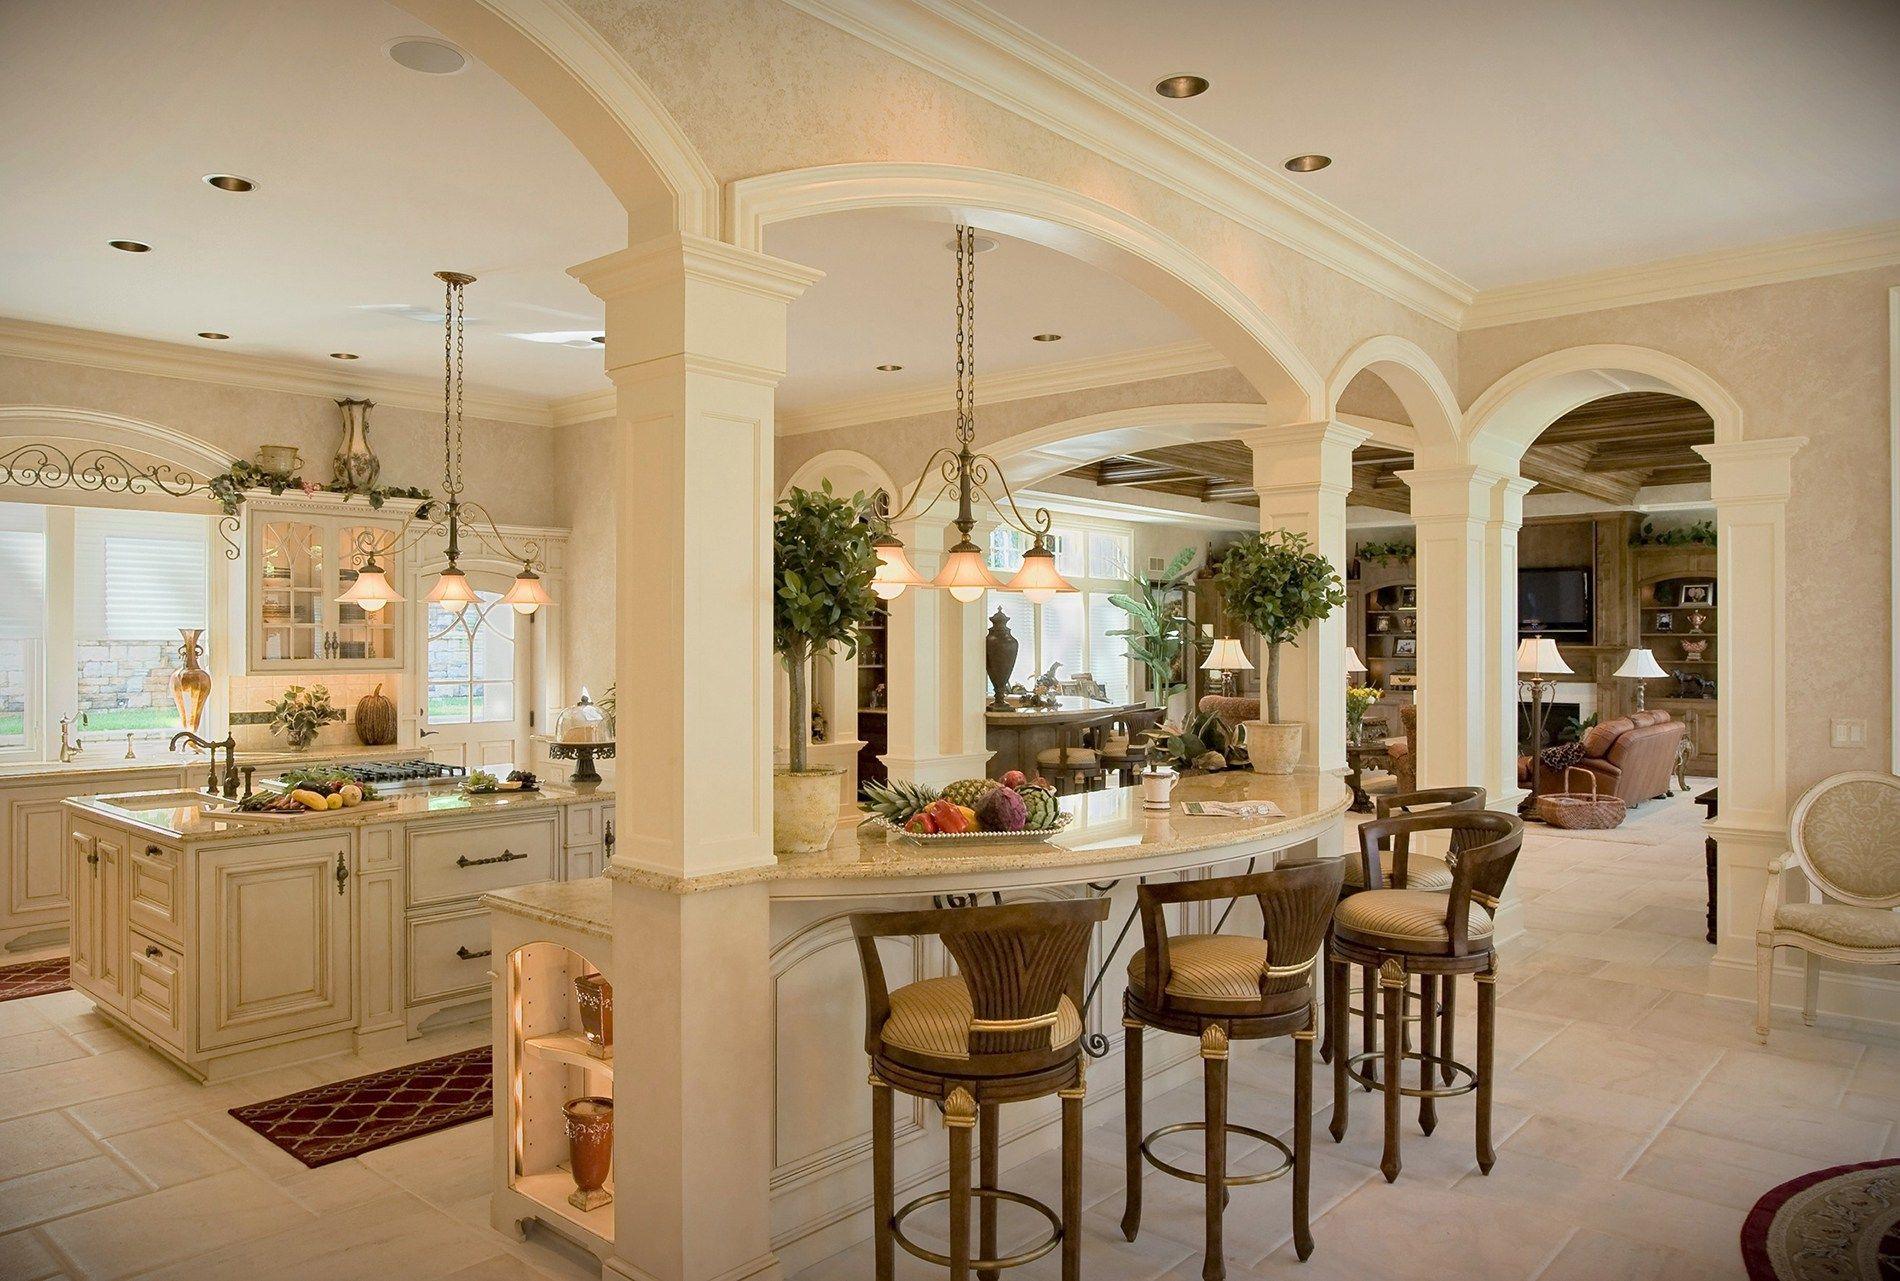 areas multi level kitchen island unique kitchen flooring kitchen remodel stunning ideas kitchen design